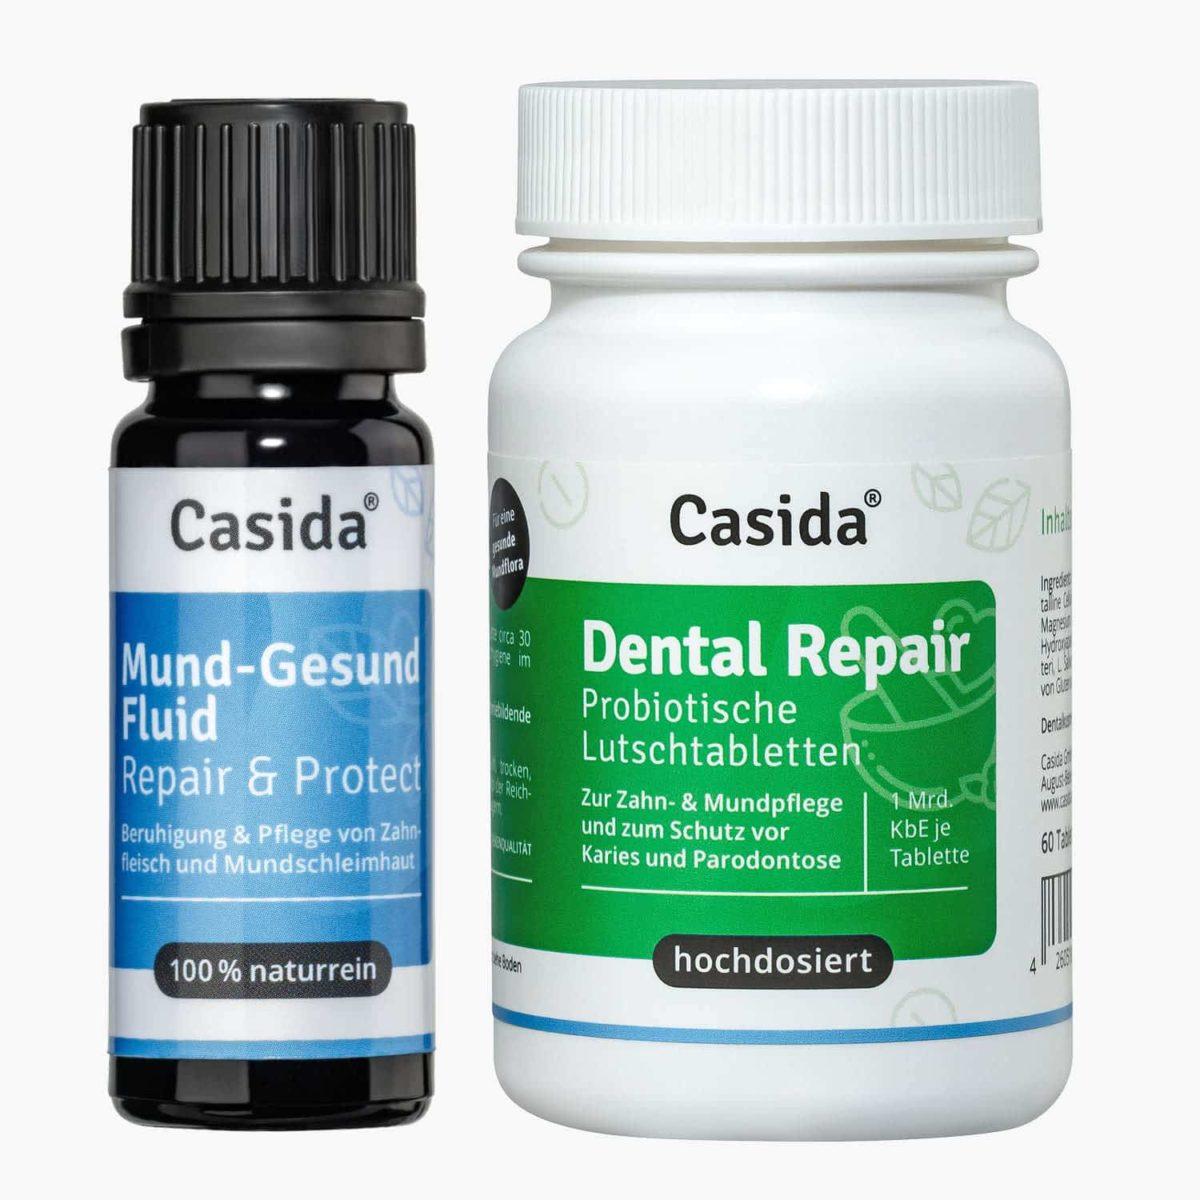 Casida Set PZN 10086681 14401553 Apotheke Dental Repair Mund-Gesund Fluid Rabatt Bundle Ätherische Öle pflanzlich Natürlich Zahnfleisch Mundflora Probiotika